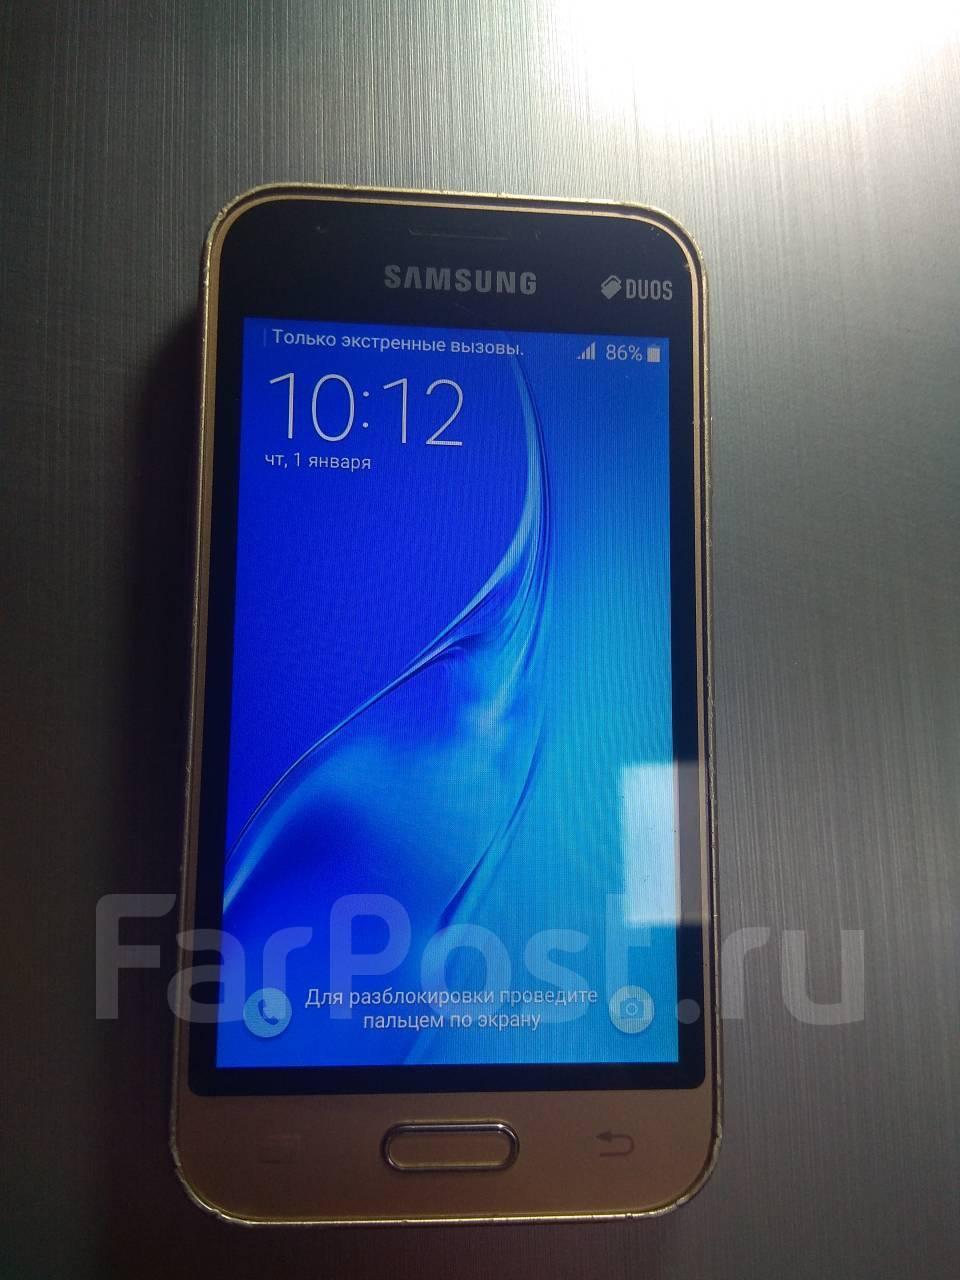 1464c697e1006 Купить смартфон Samsung Galaxy J1 Mini ! Цены на новые и б/у мобильные  телефоны Samsung Galaxy J1 Mini